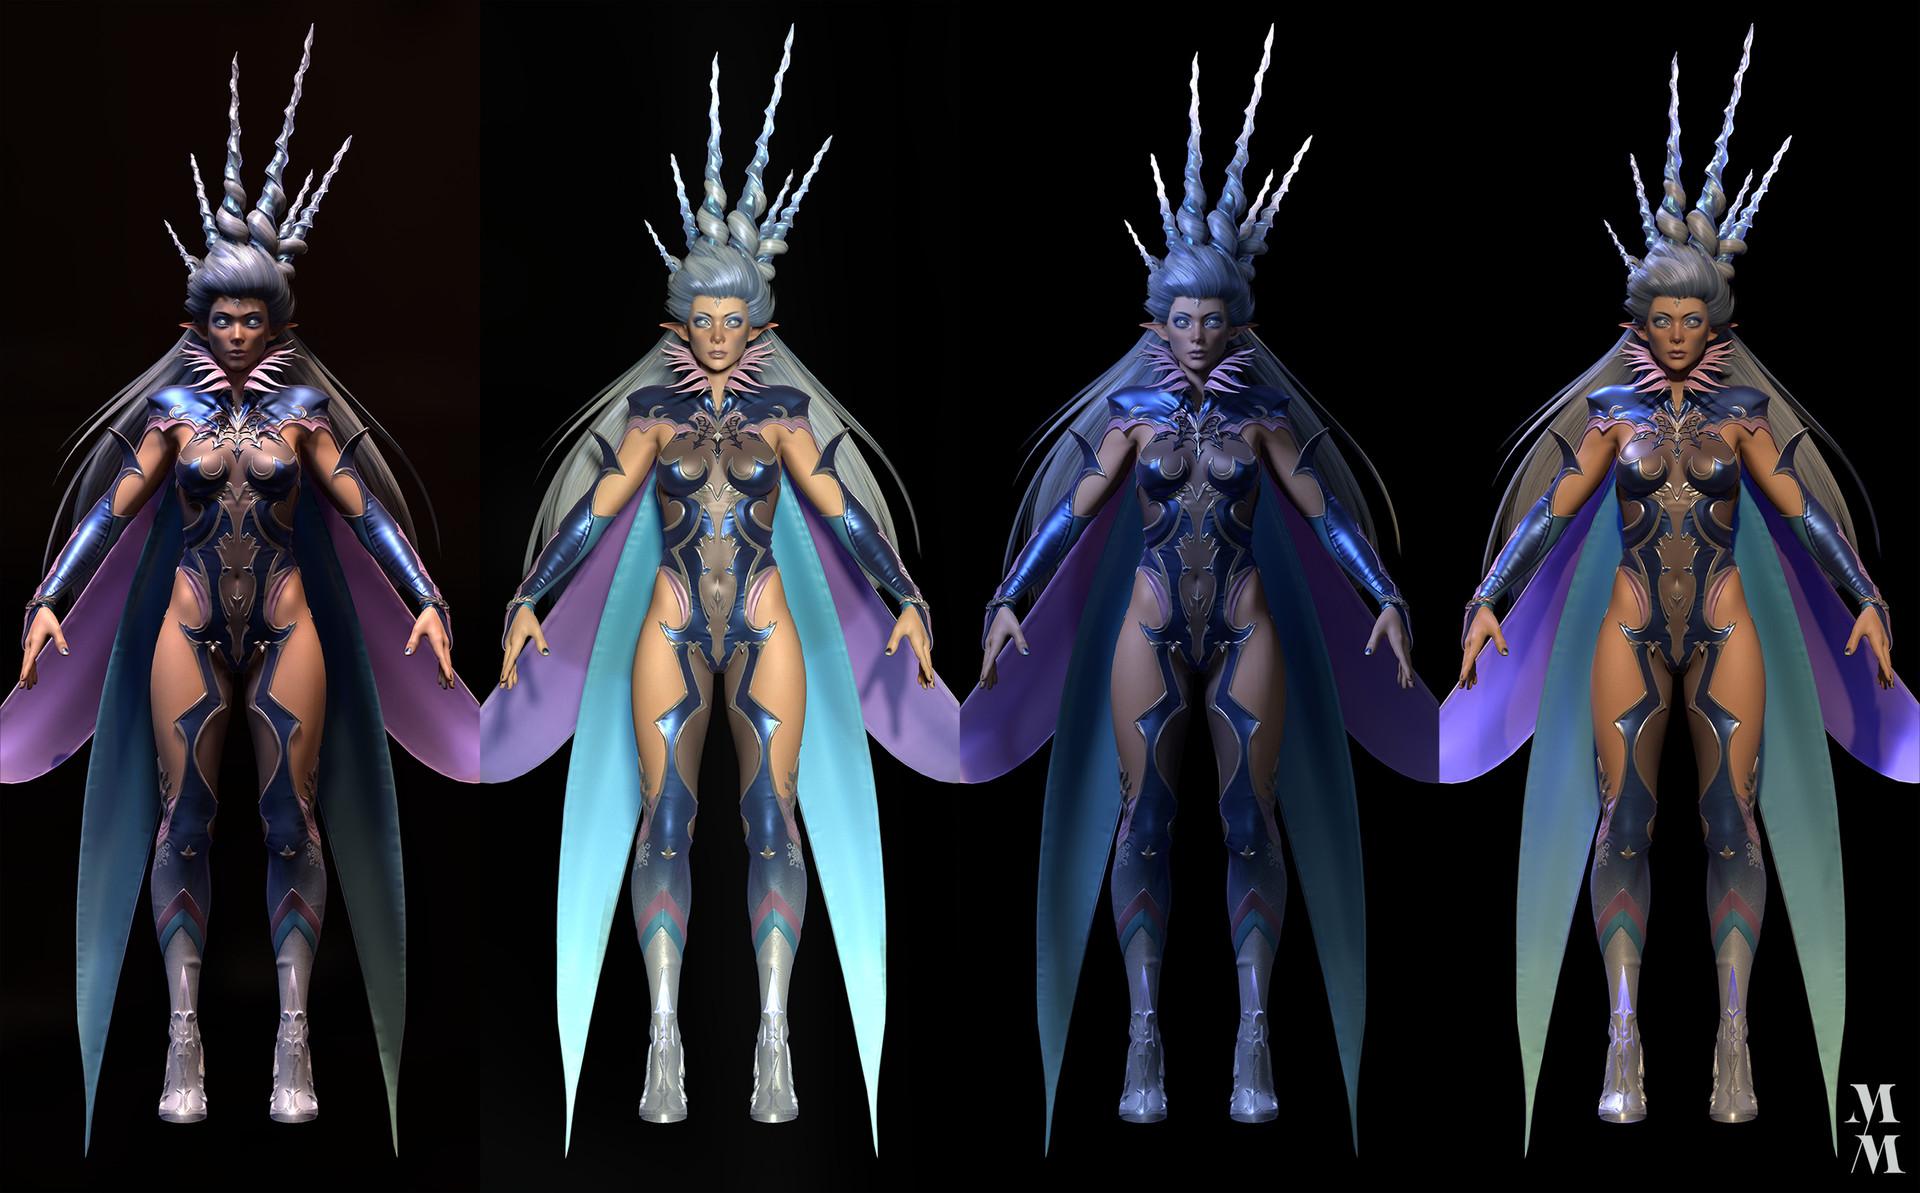 ArtStation - Shiva Fan art from Final Fantasy XIV, Game